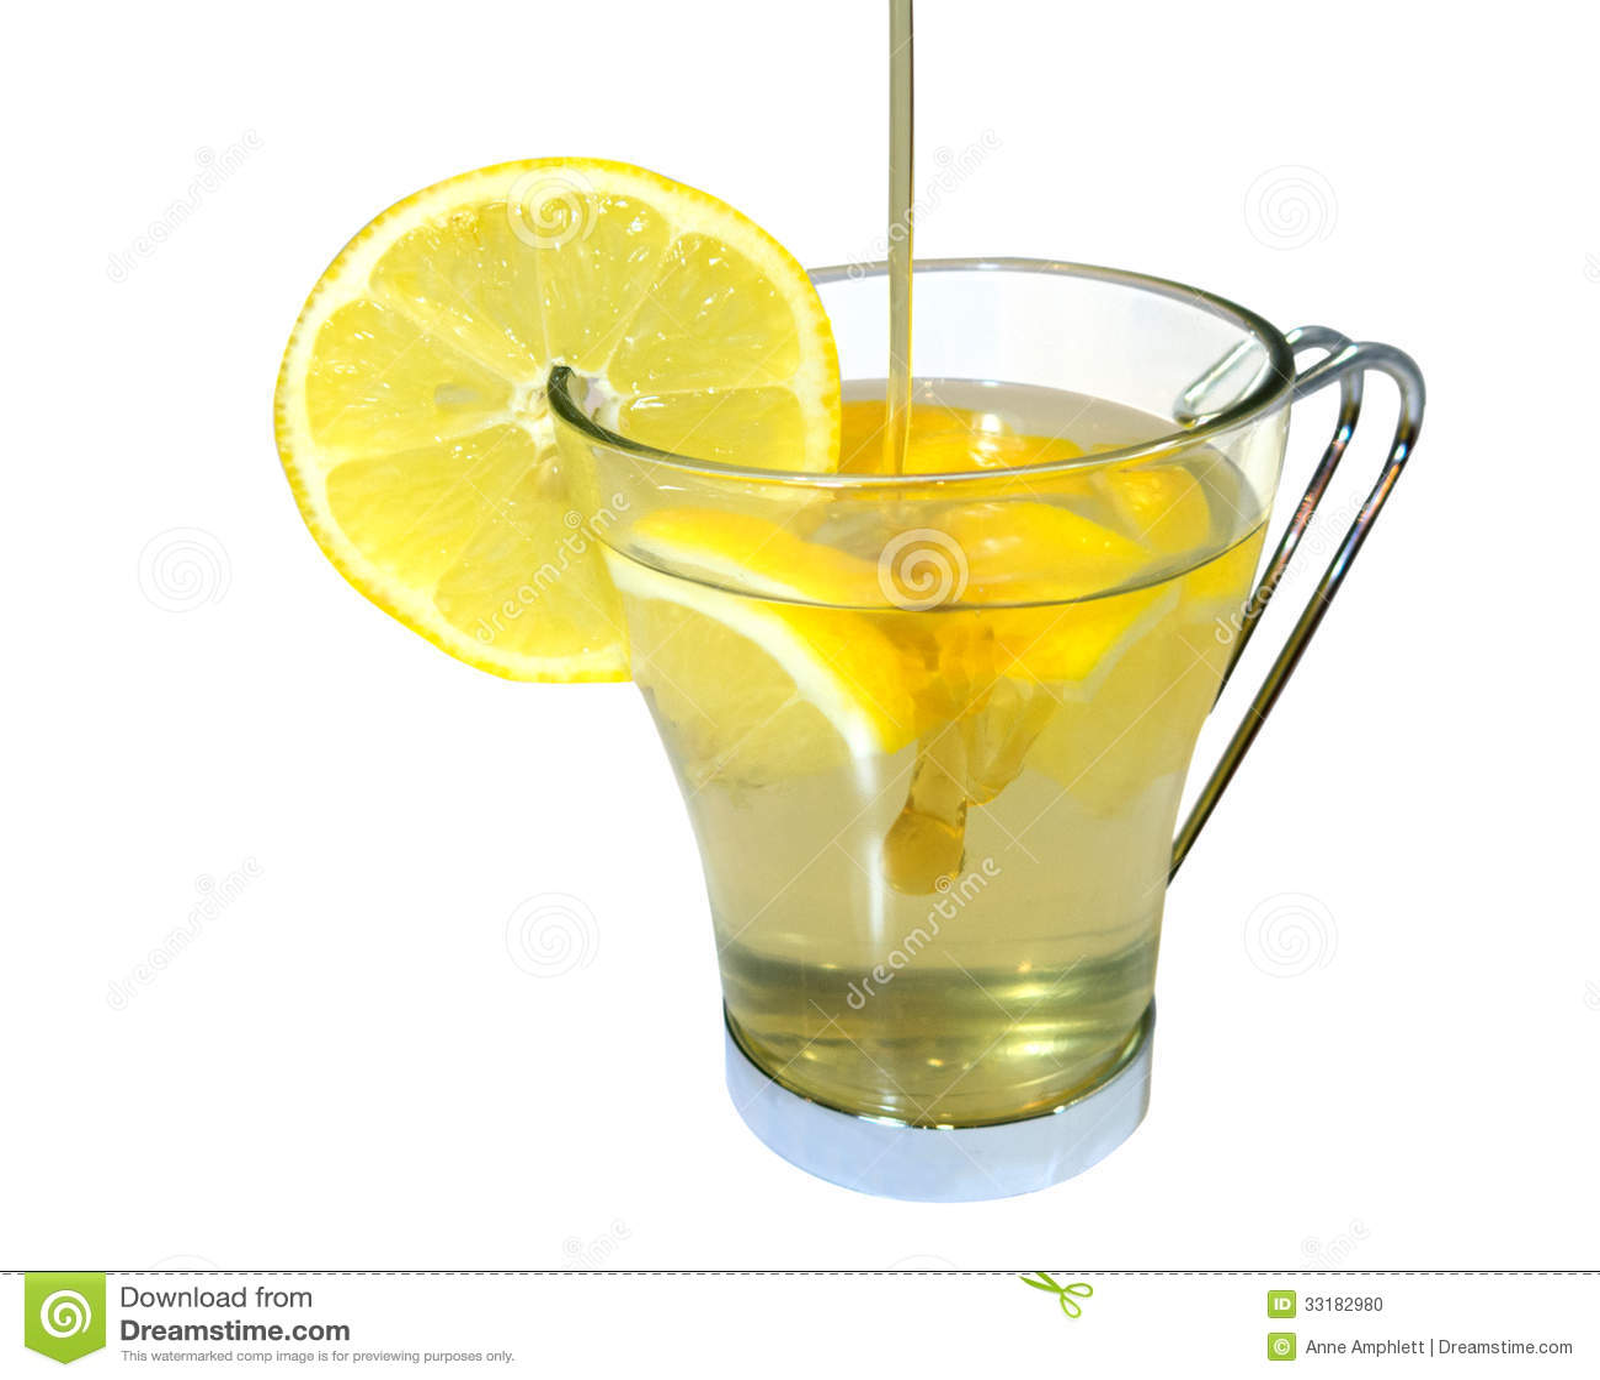 Lemon-honey drink 62